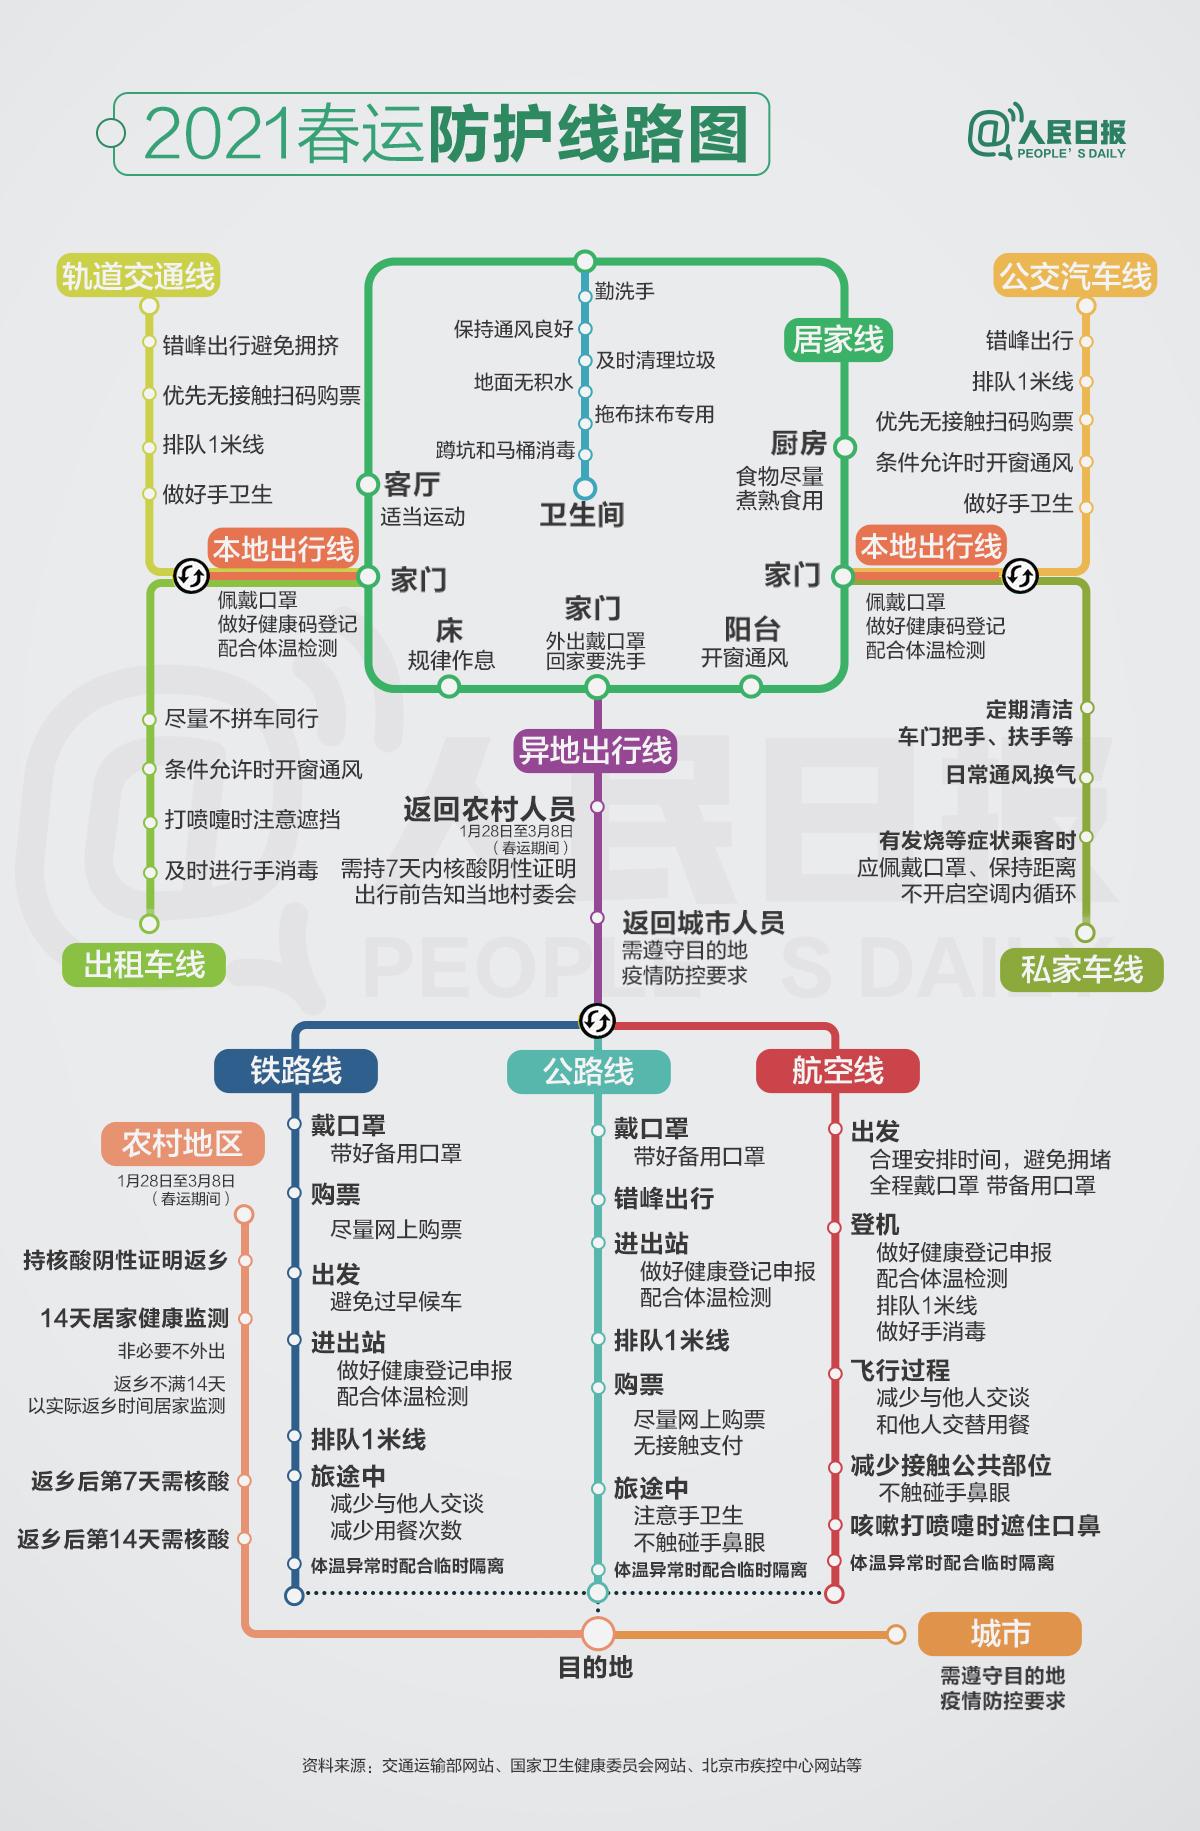 2021春运防护线路图.jpg